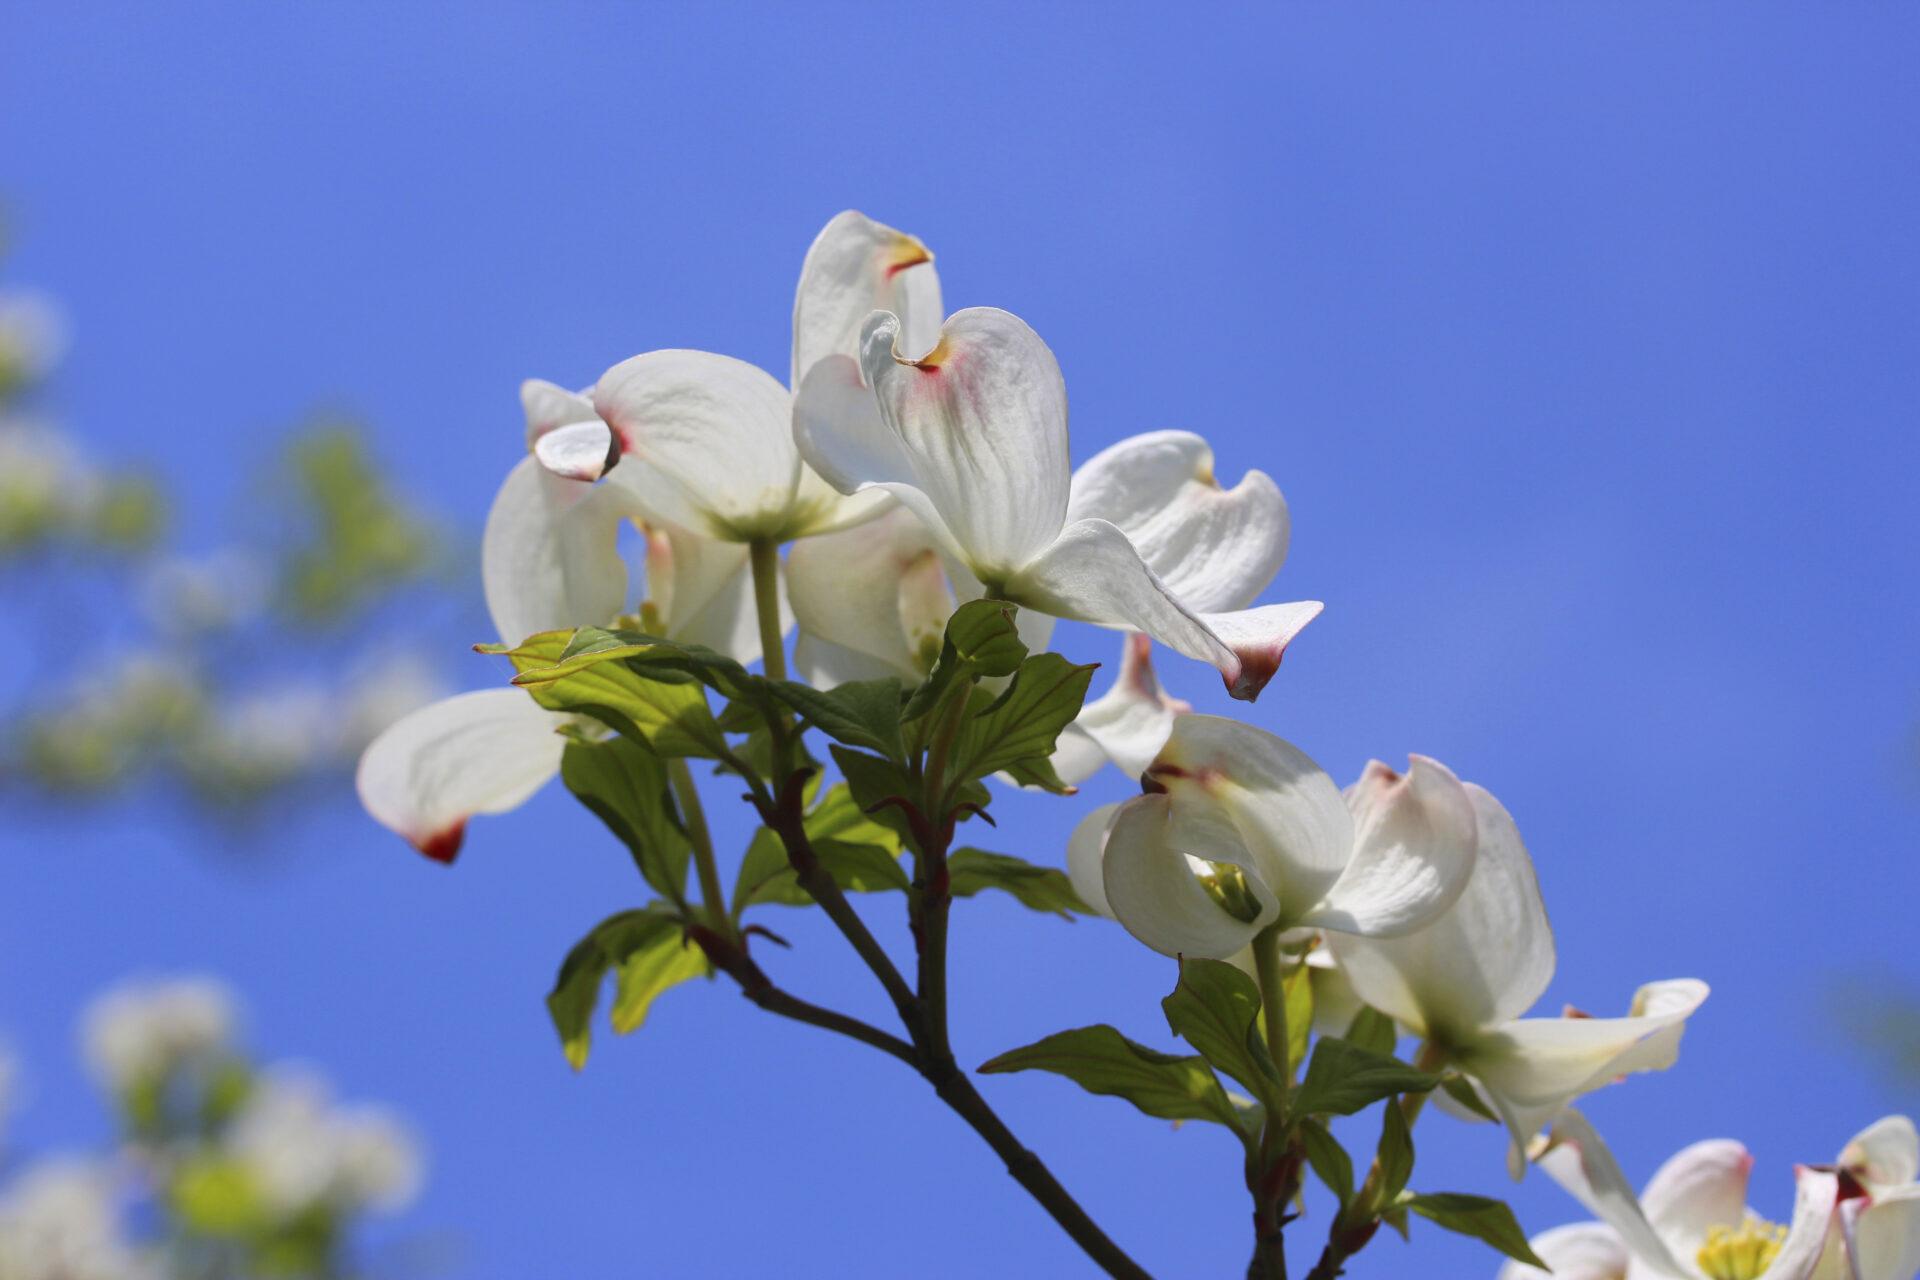 Flowering White Dogwoods Wholesale Shrubs